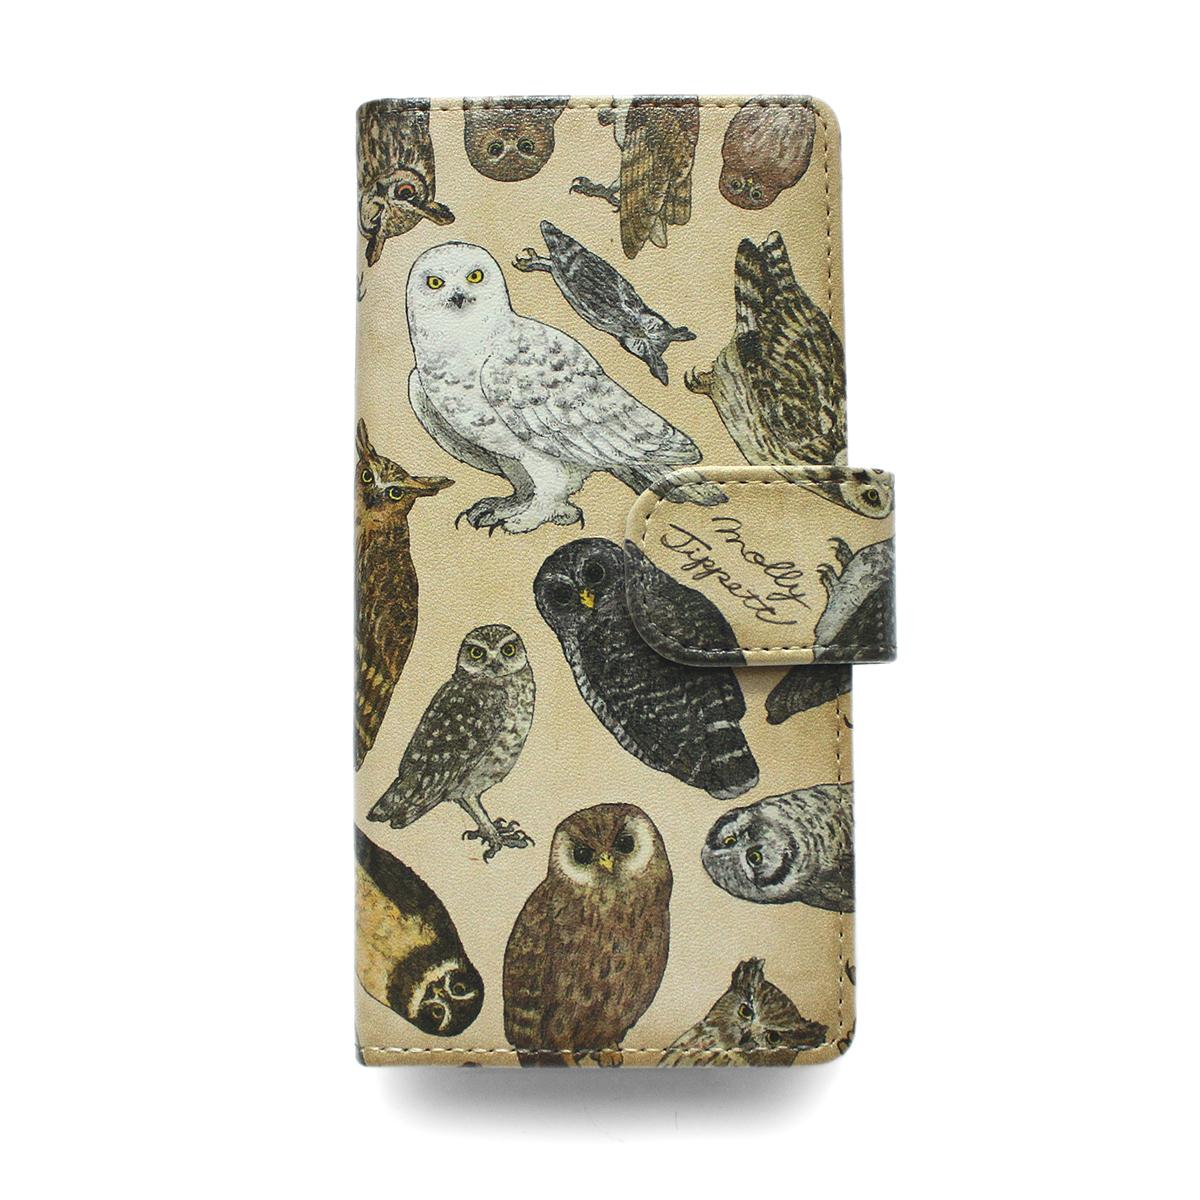 【セール】フクロウ目の鳥類/ スマートフォンケース(iPhone8/iPhone7/6s/6兼用)